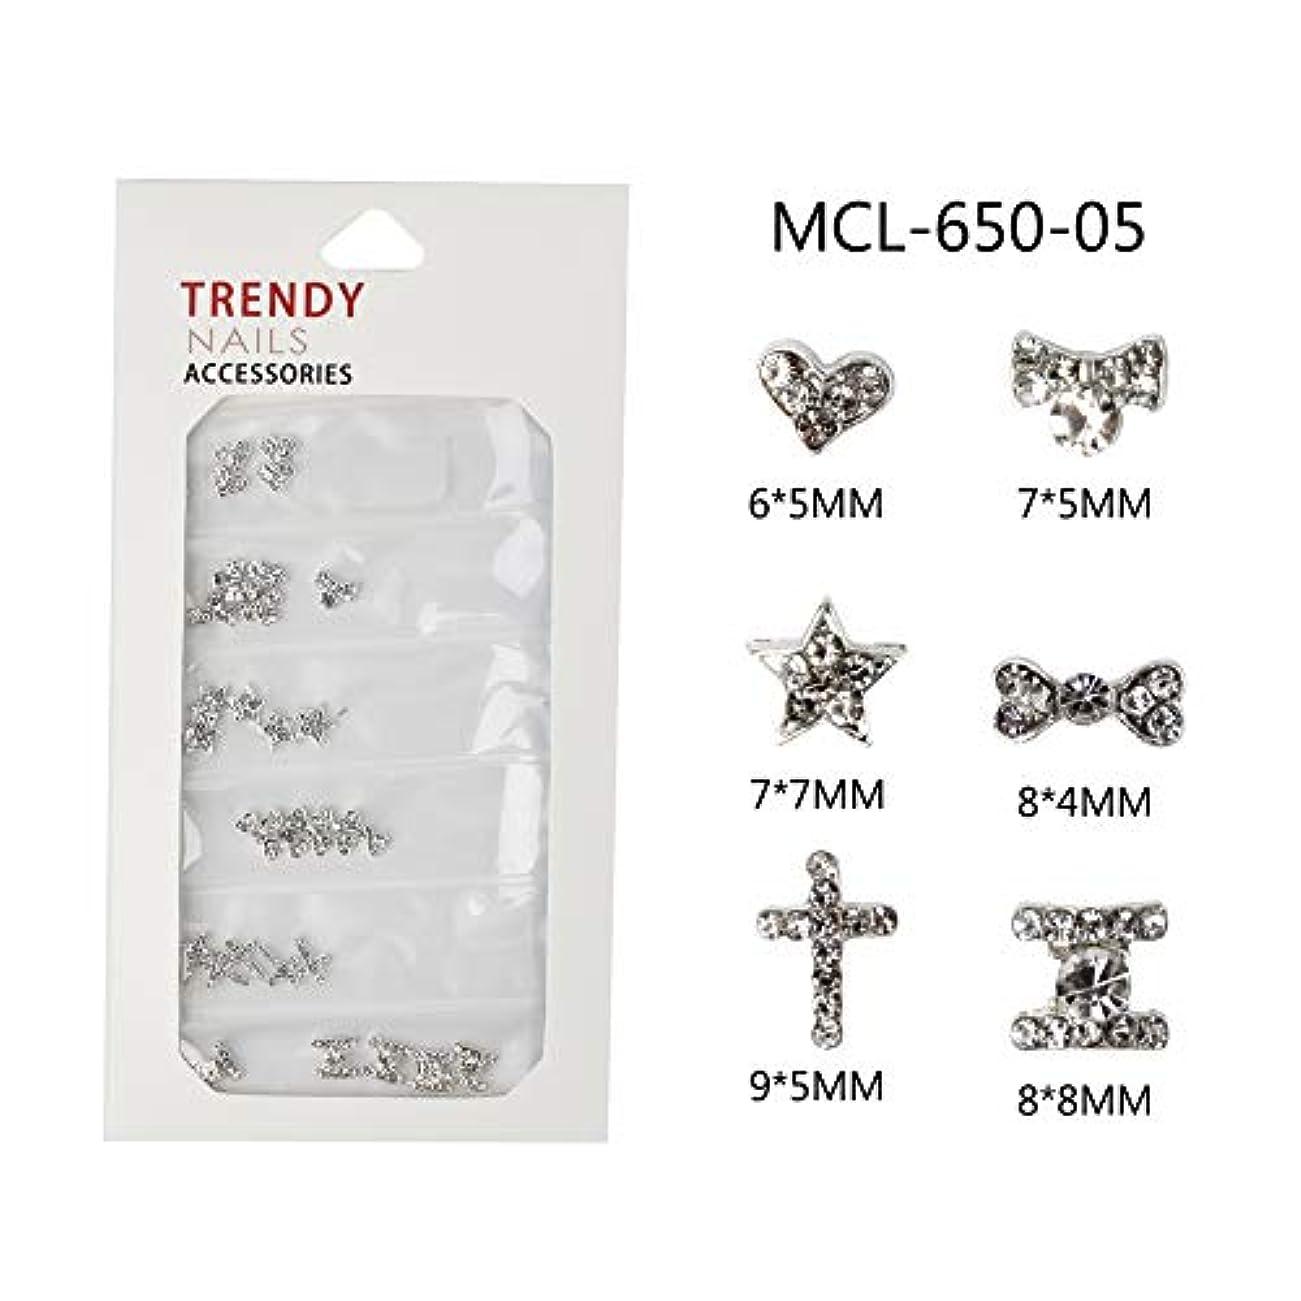 であることハグにメーリンドス ジュエリーネイルアートデザインパーツ バタフライ 蝶 スタッズとクリスタル合わせて 宝石のような3Dネイルパーツ 30個/本 (05)